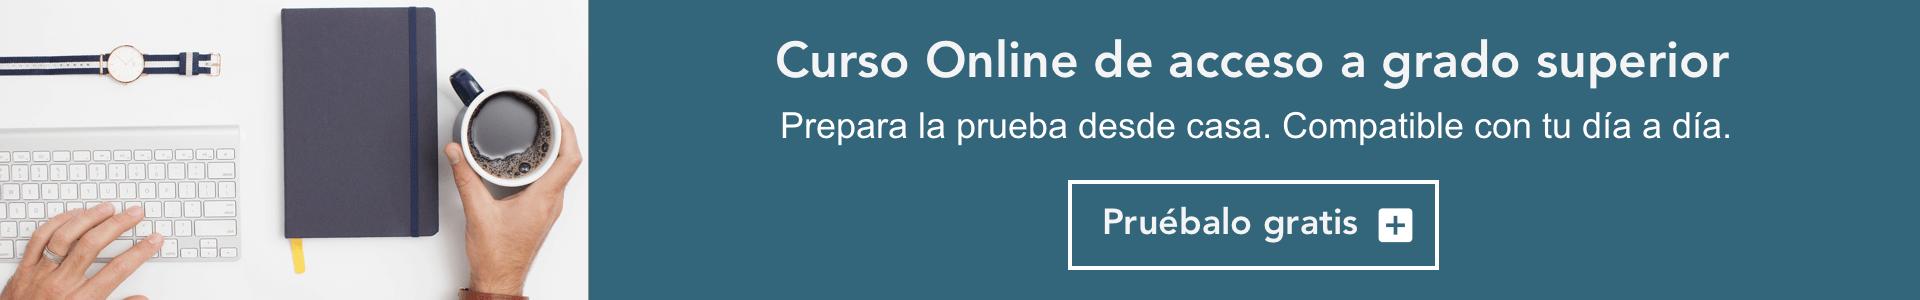 Prueba De Acceso A Grado Superior En Andalucía 2019